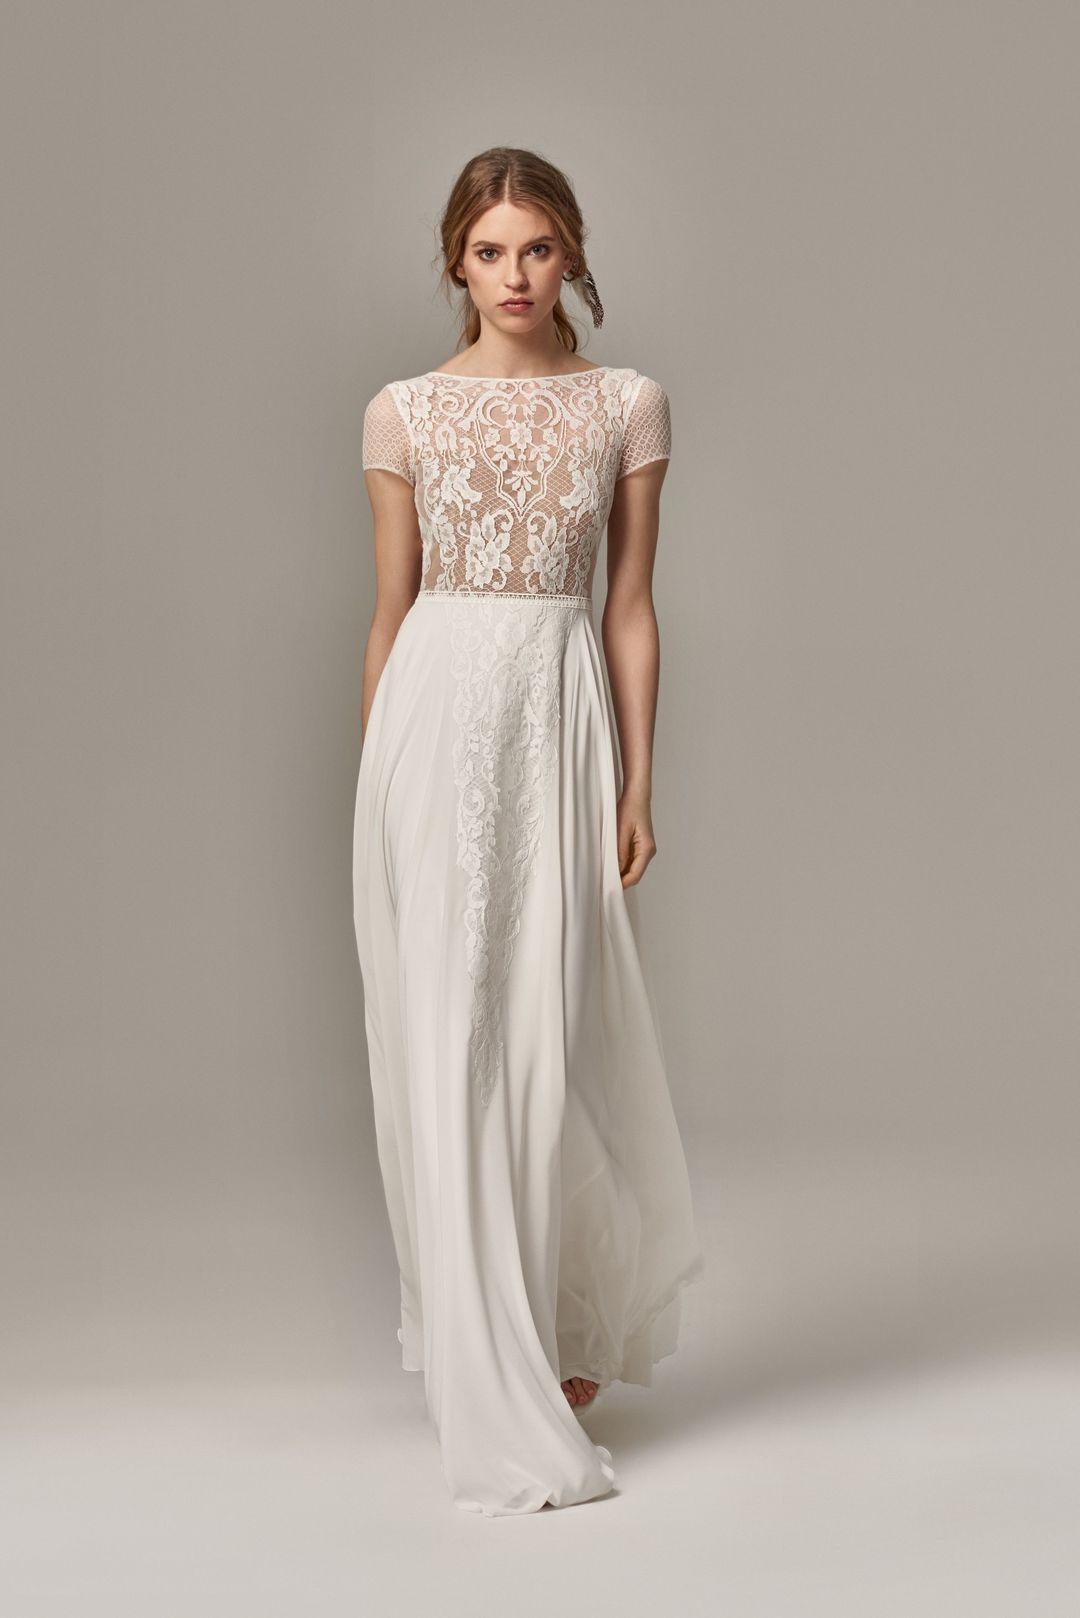 mira dress photo